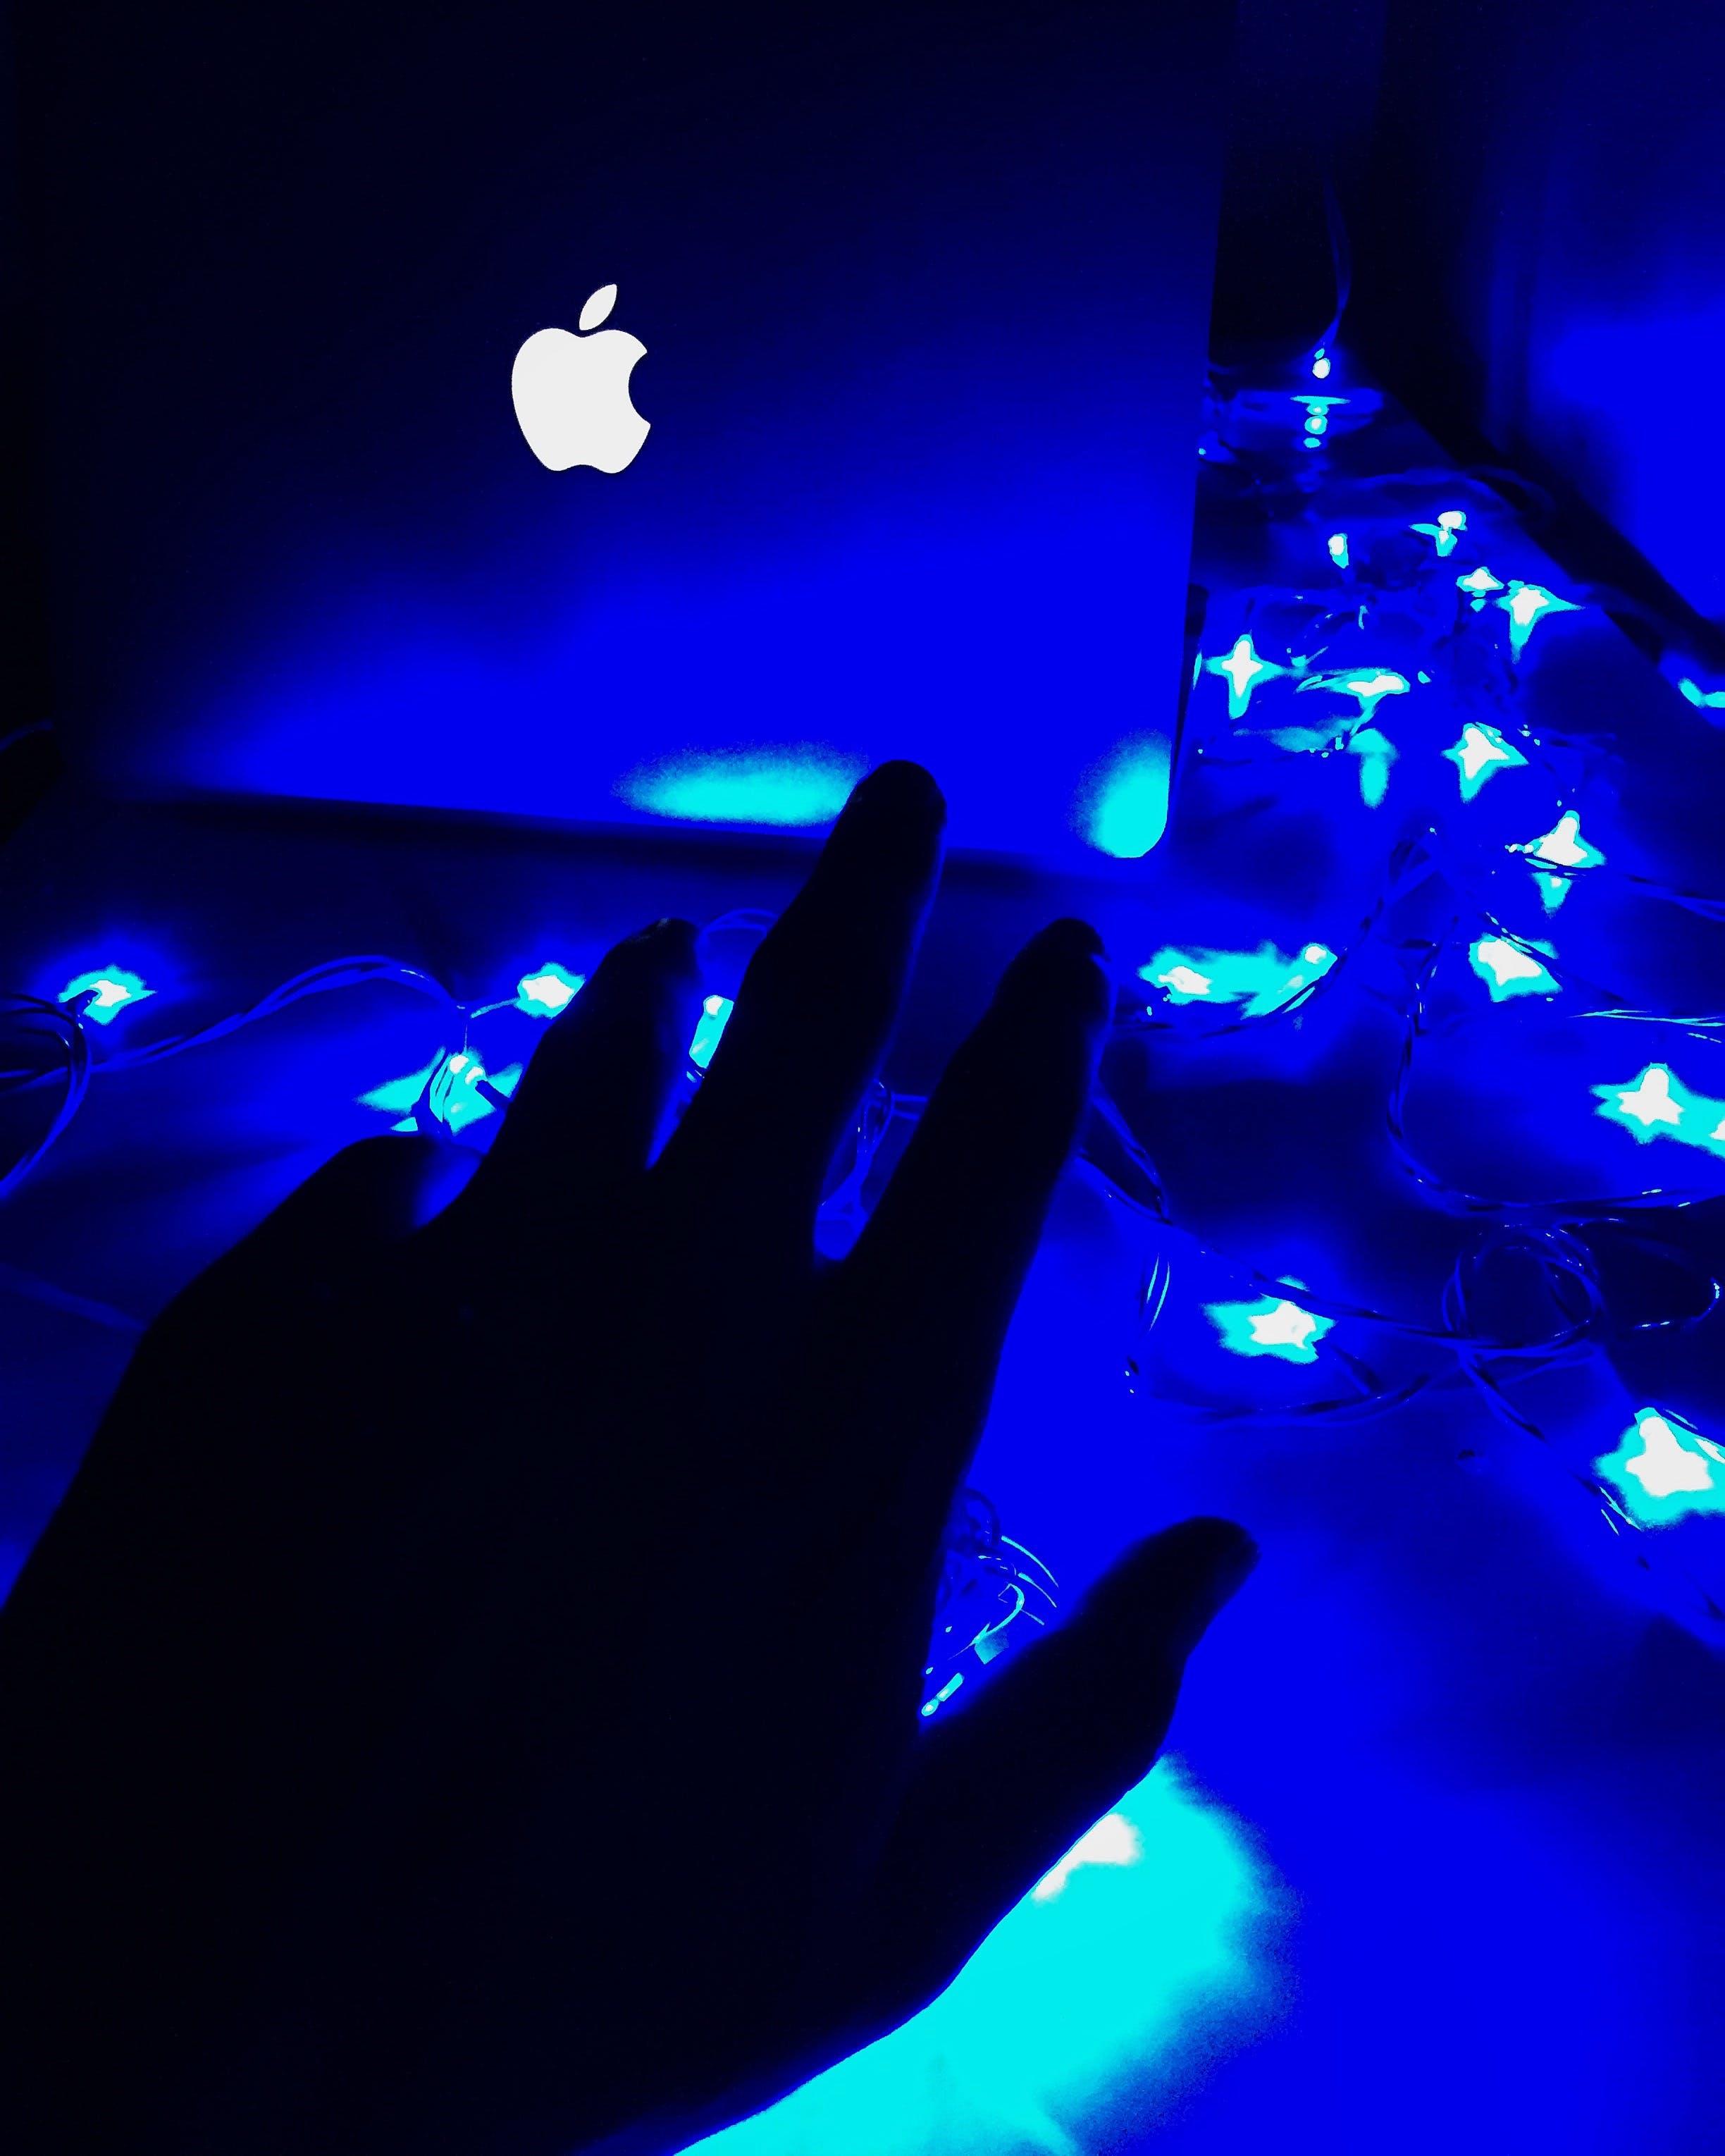 Kostenloses Stock Foto zu beleuchtet, drähte, energie, hand